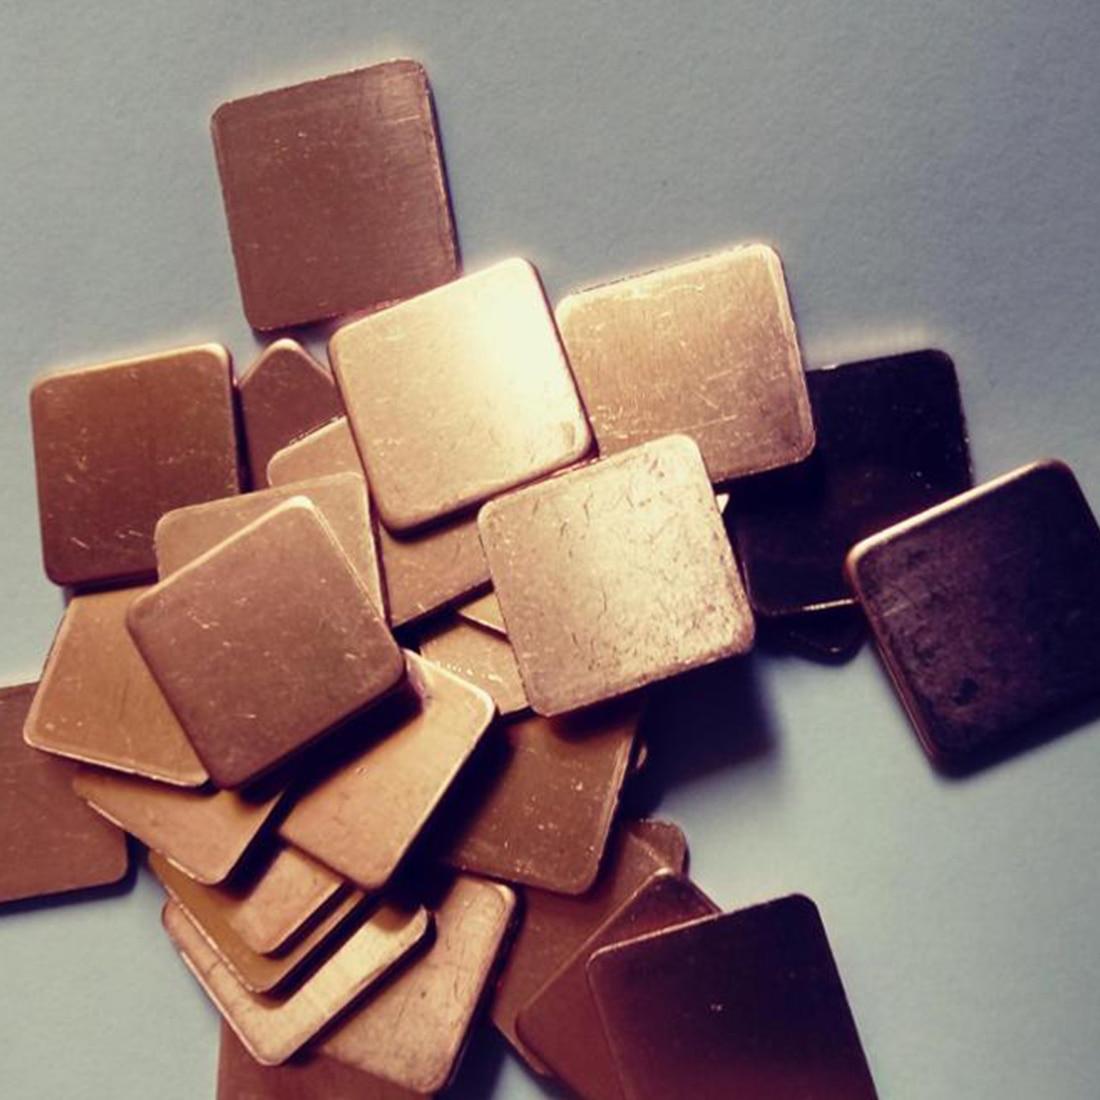 20mm x 20mm 10 Uds pastilla de barrera térmica disipador de cobre puro Shim almohadillas térmicas para Laptop GPU VAG PAD 0,3mm 0,5mm 0,8mm 1,0mm 1,2mm